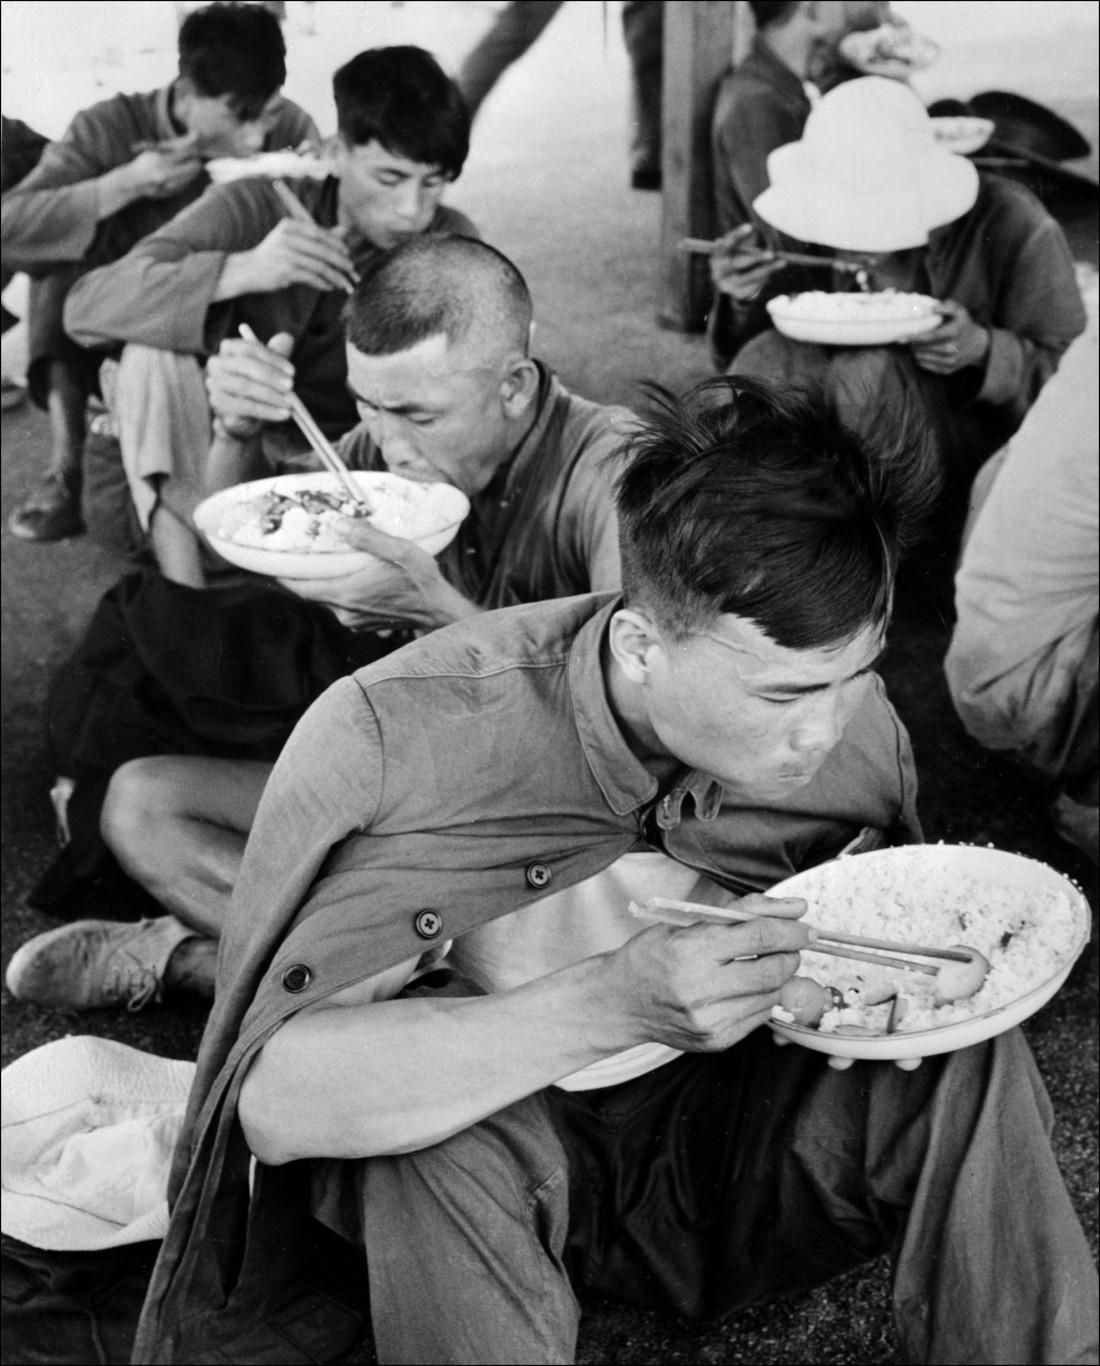 Quelques-uns des 60 000 réfugiés chinois qui gagnèrent Hong-Kong en mai 1962, et y furent nourris avant d'être renvoyés en Chine par les autorités de Hongkong le 28 mai 1962.